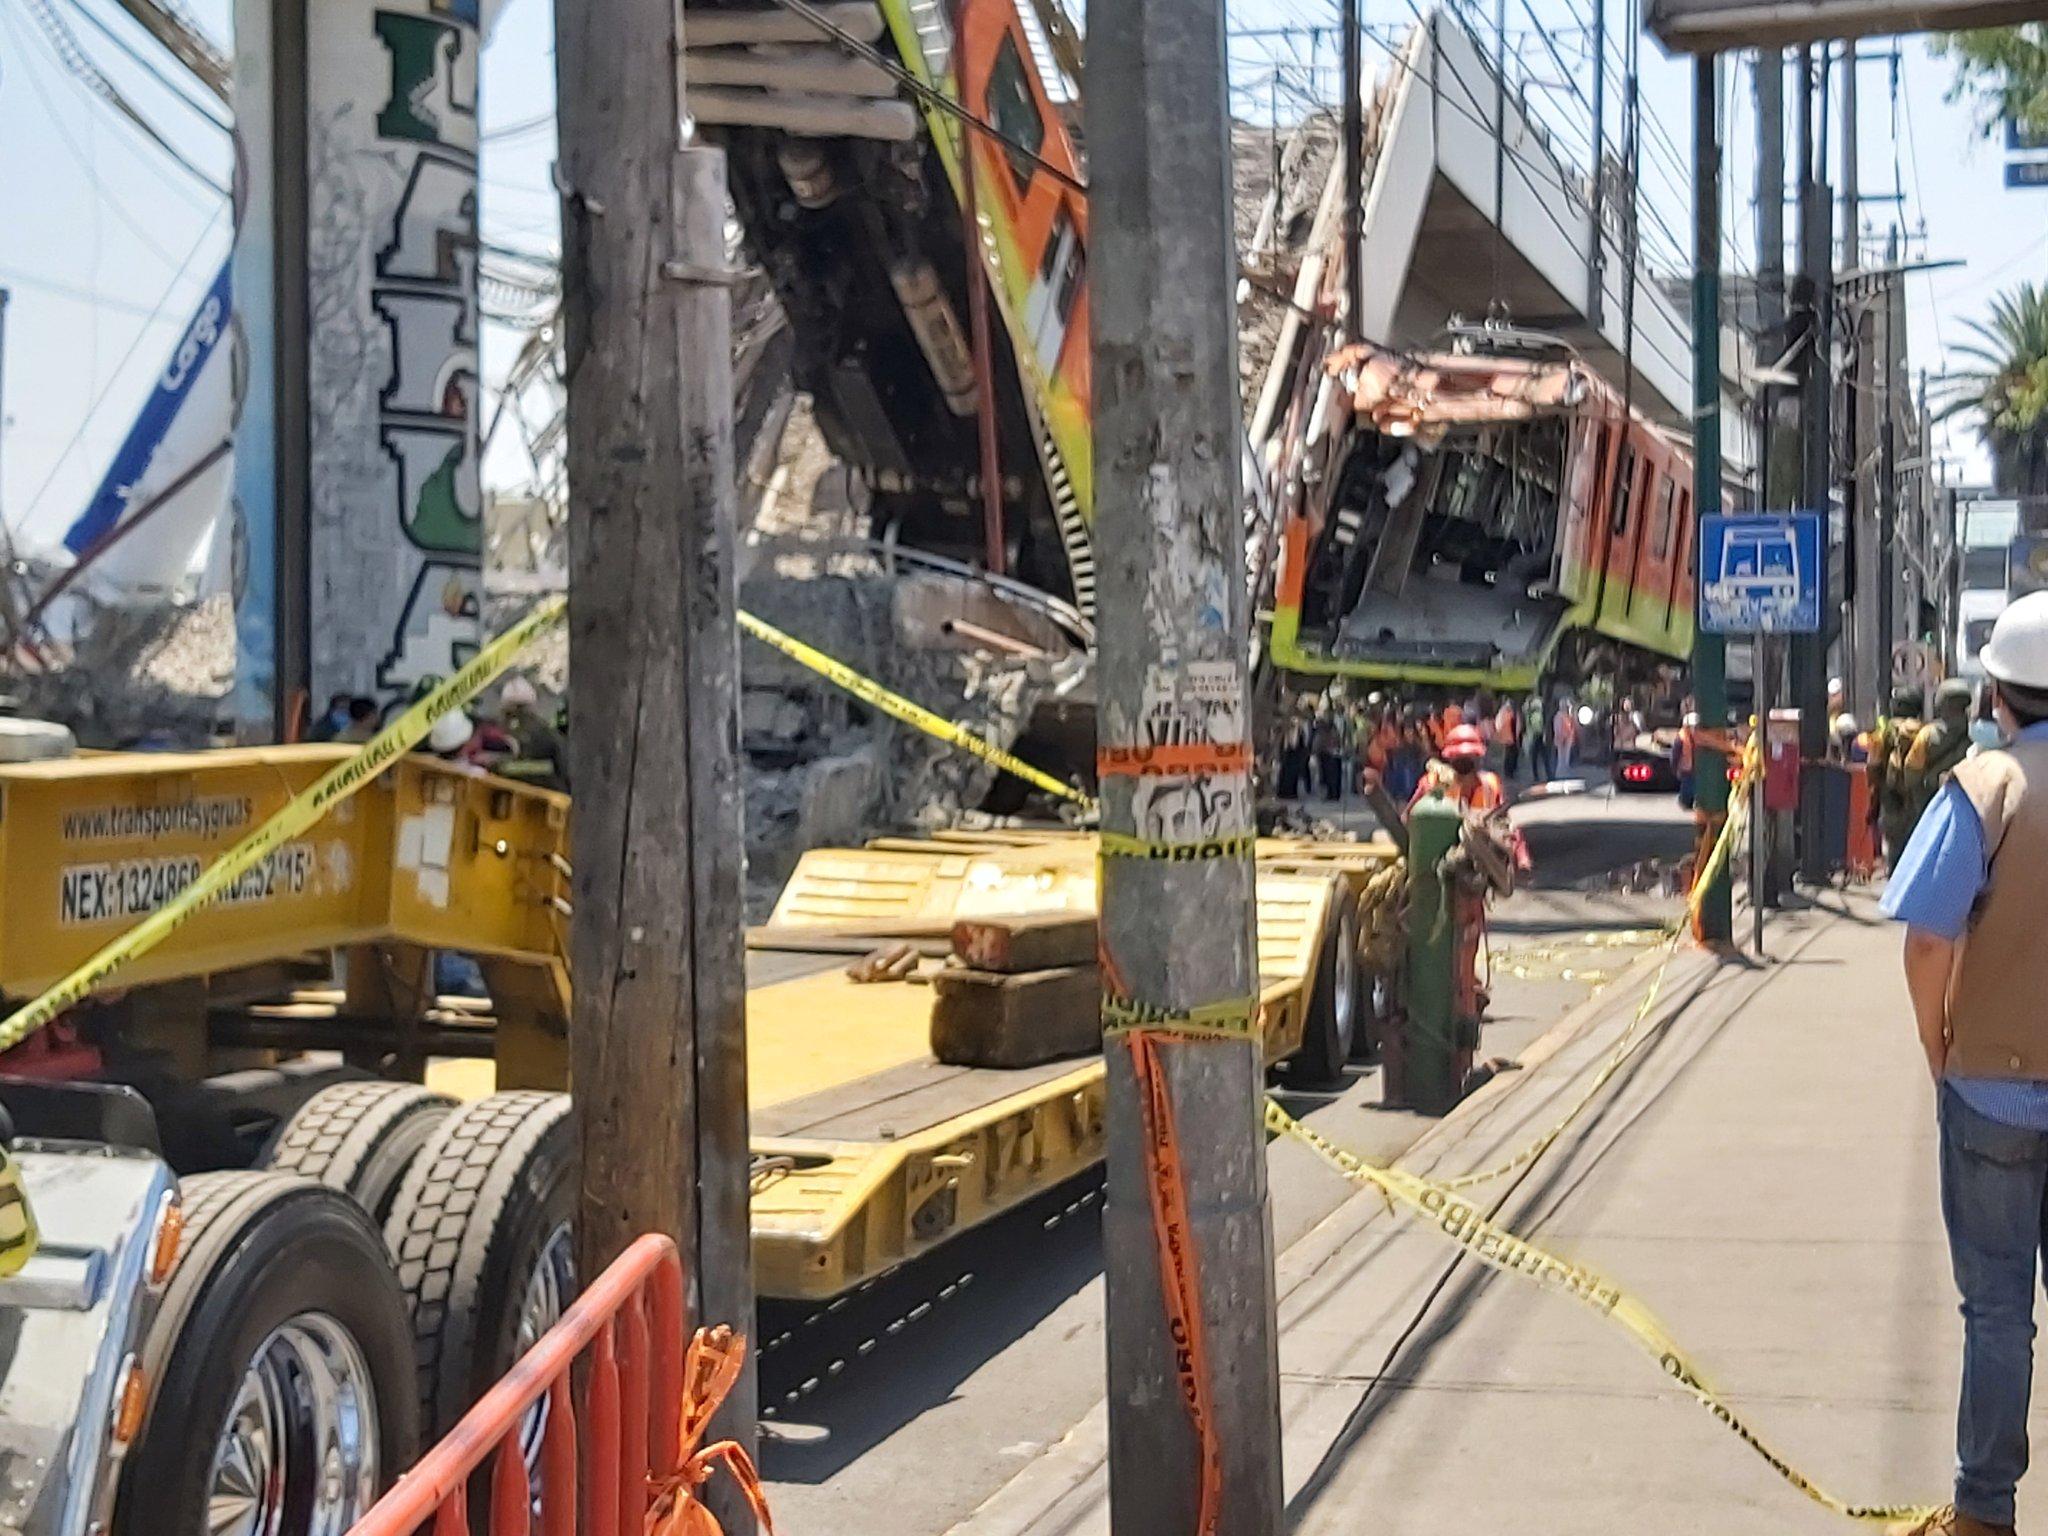 Esperan brindar resultados preliminares del accidente en la línea 12 el próximo viernes 7 de mayo